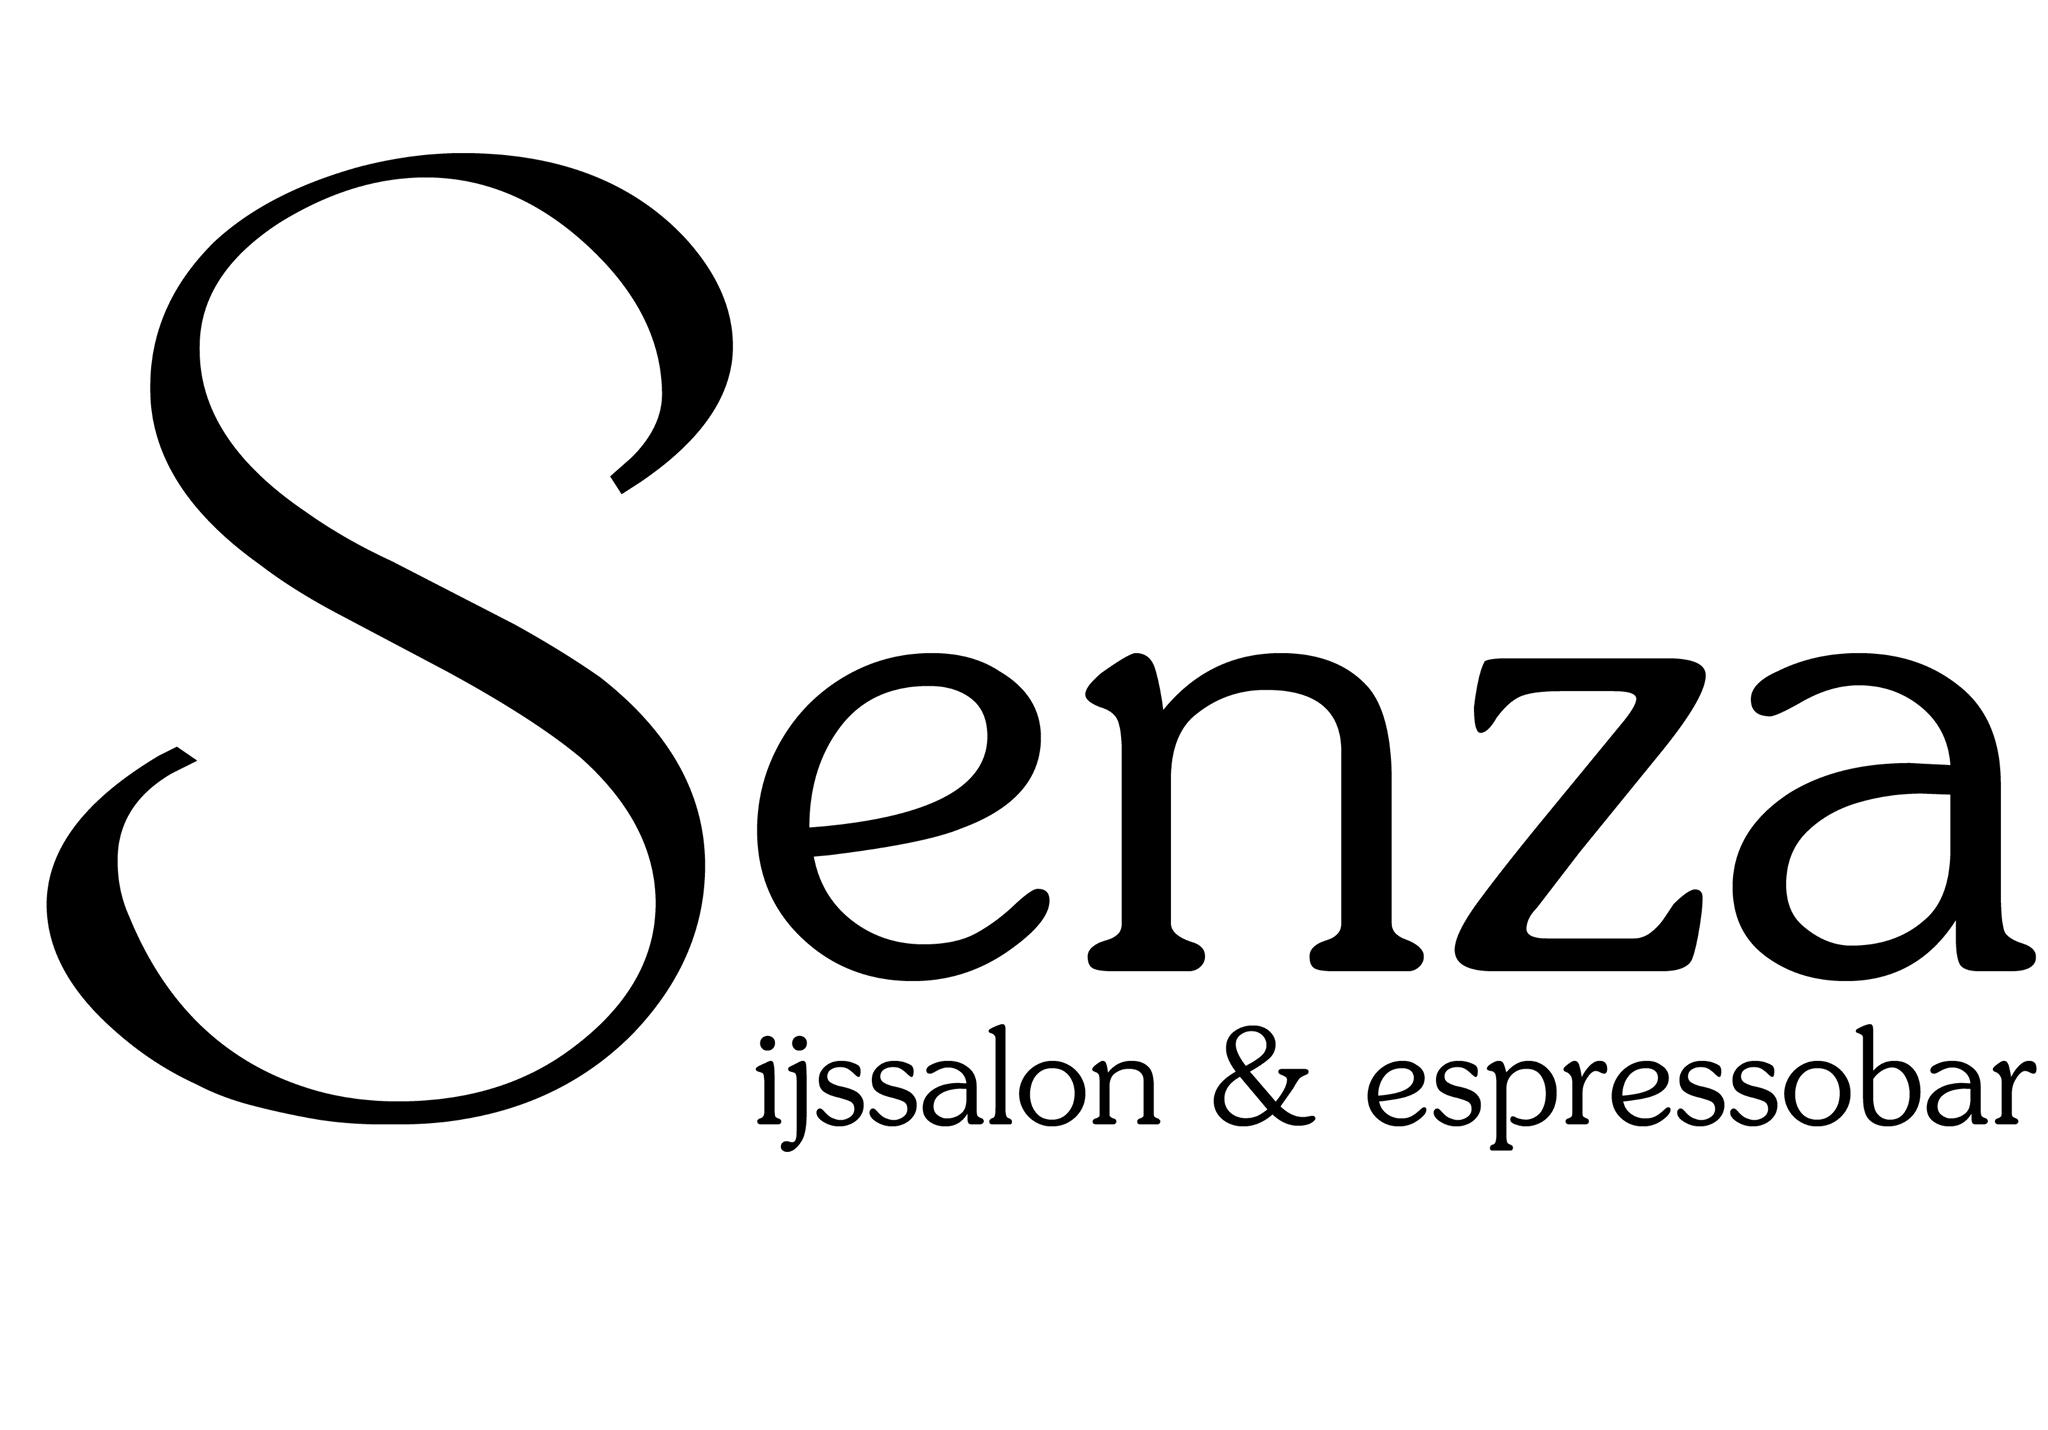 IJssalon & Espressobar Senza